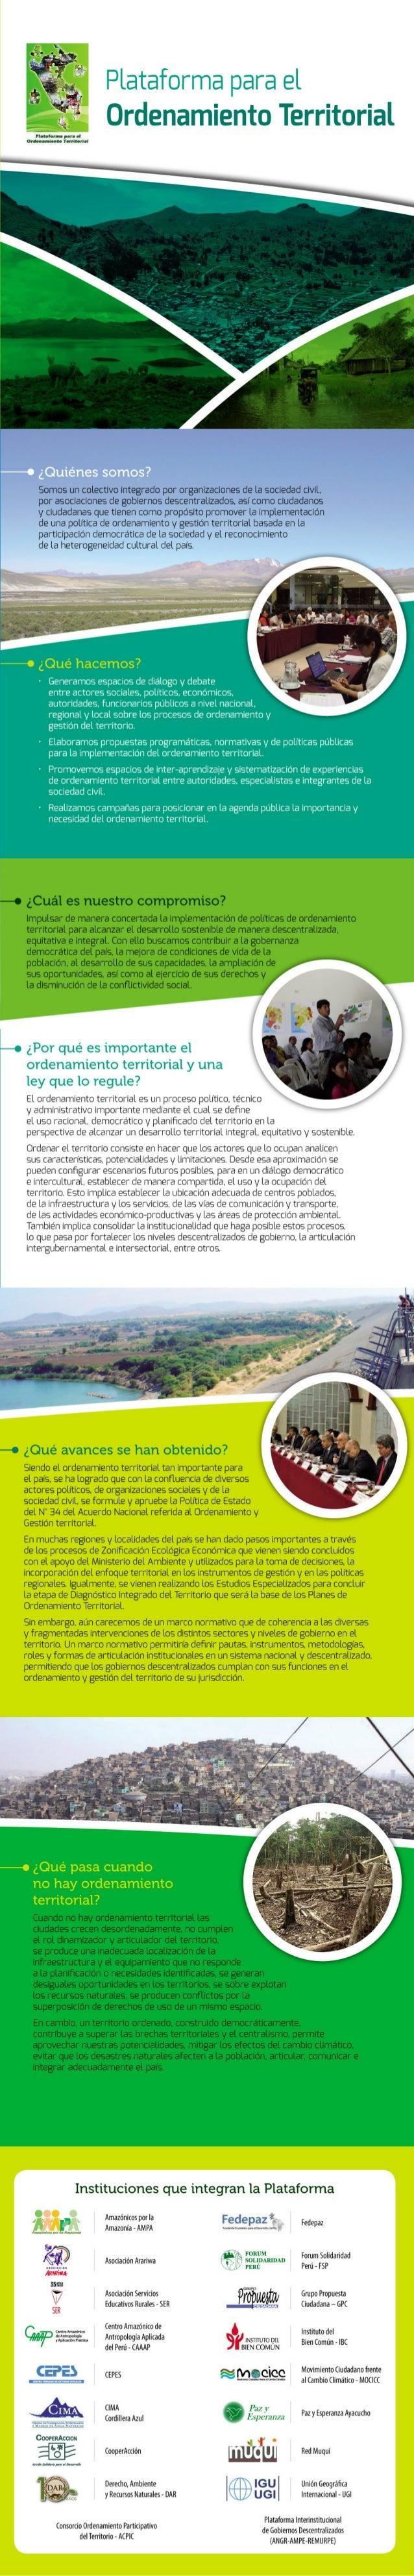 Plalufornu plfl el Ordonamionto Tonitorial  Somos un tolettivo integrado por organizationes de la sociedad tivil.  por aso...